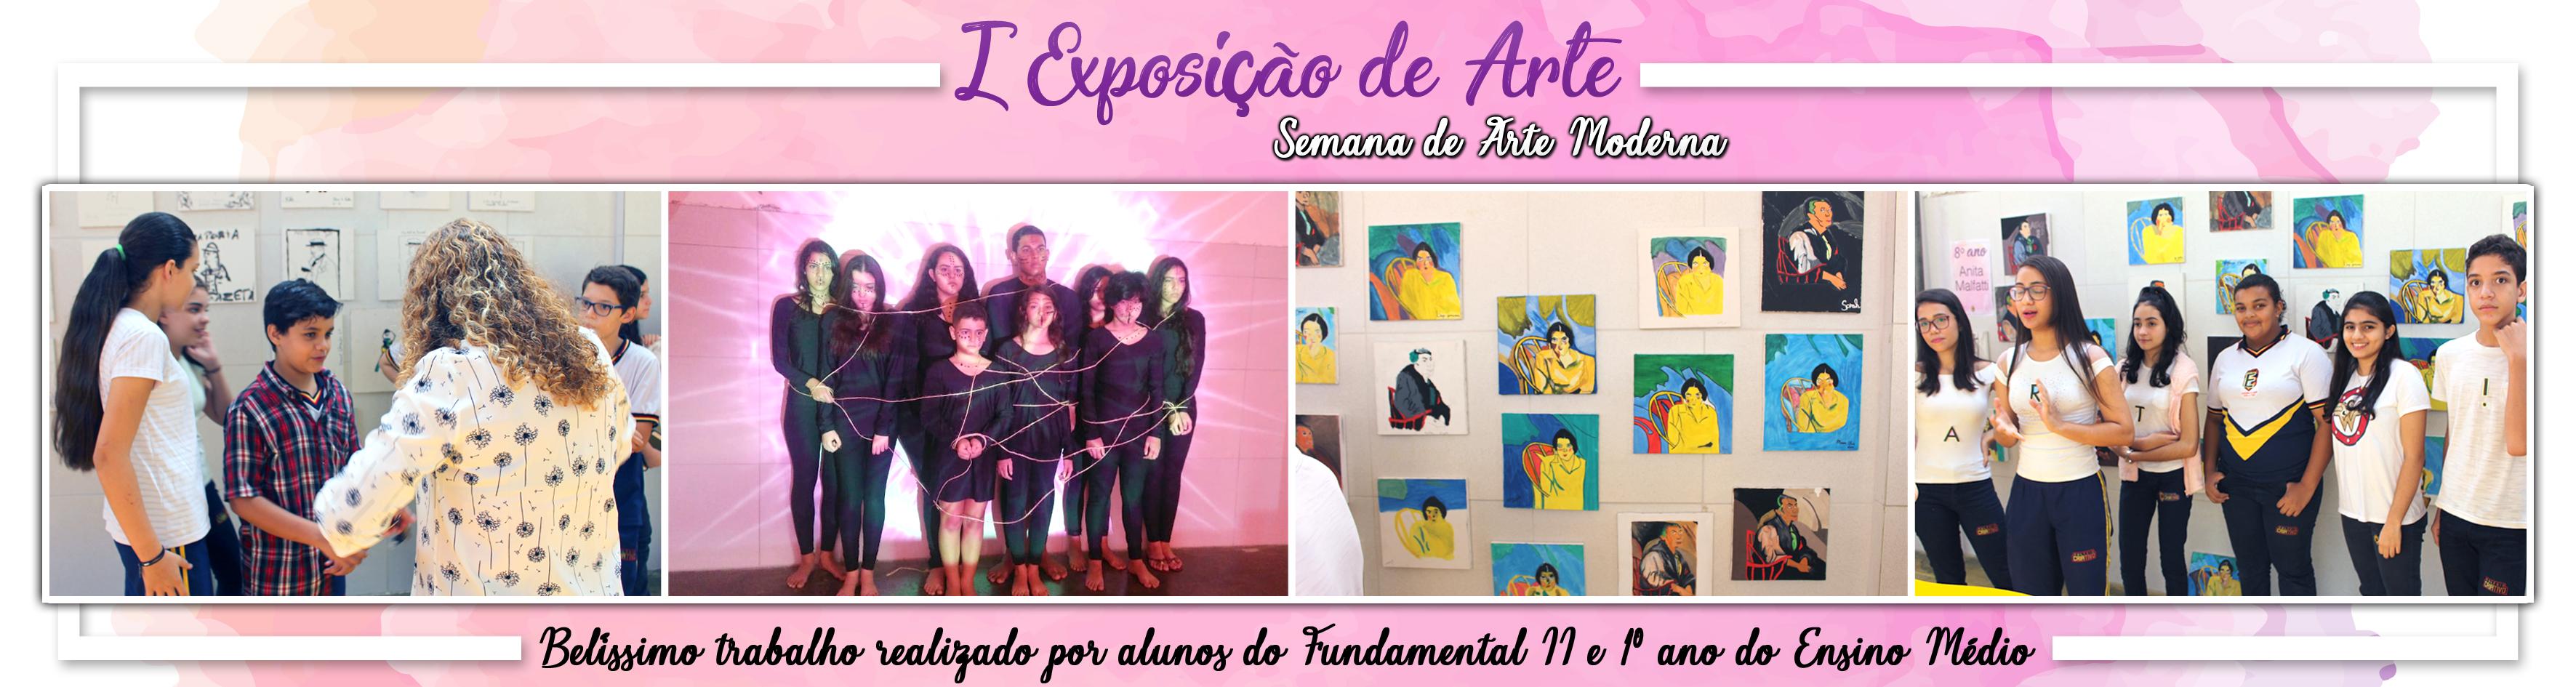 Exposiçao de Artes